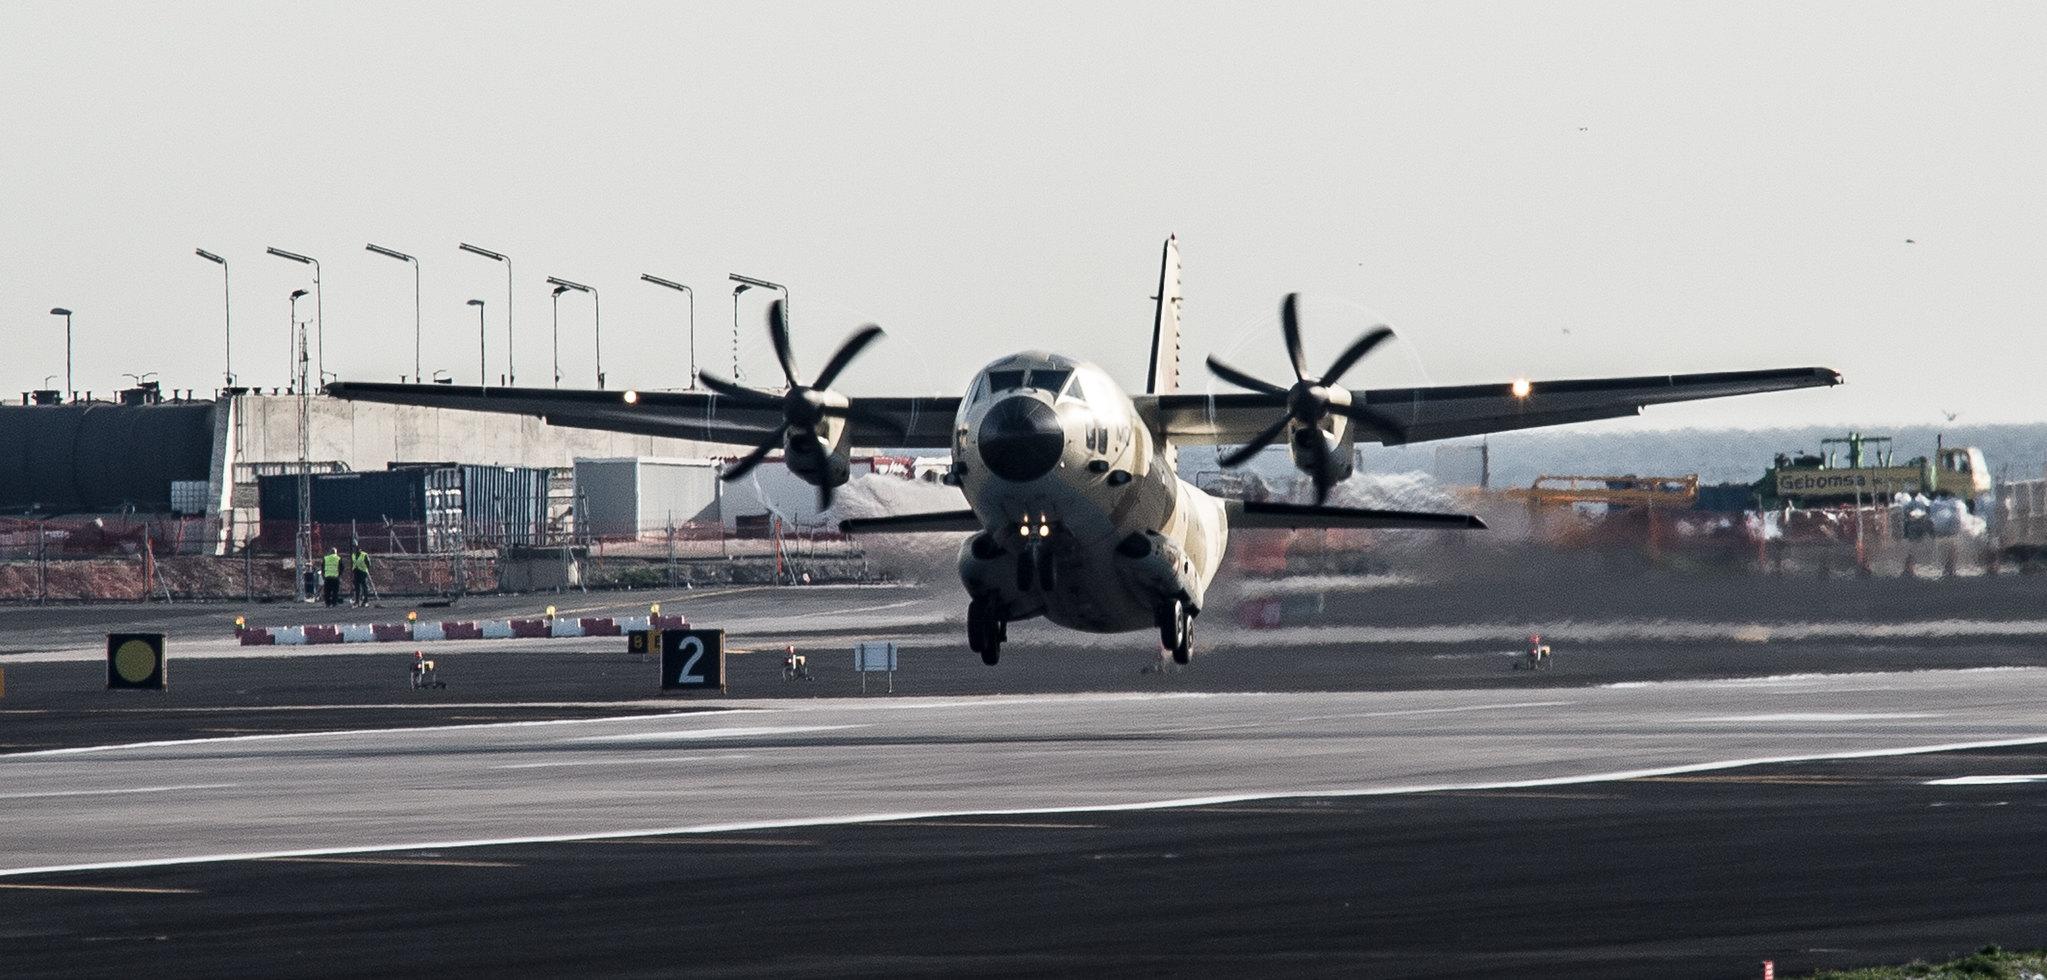 طائرات النقل العاملة بالقوات المسلحة المغربية - صفحة 3 24856654412_542eca28e5_k